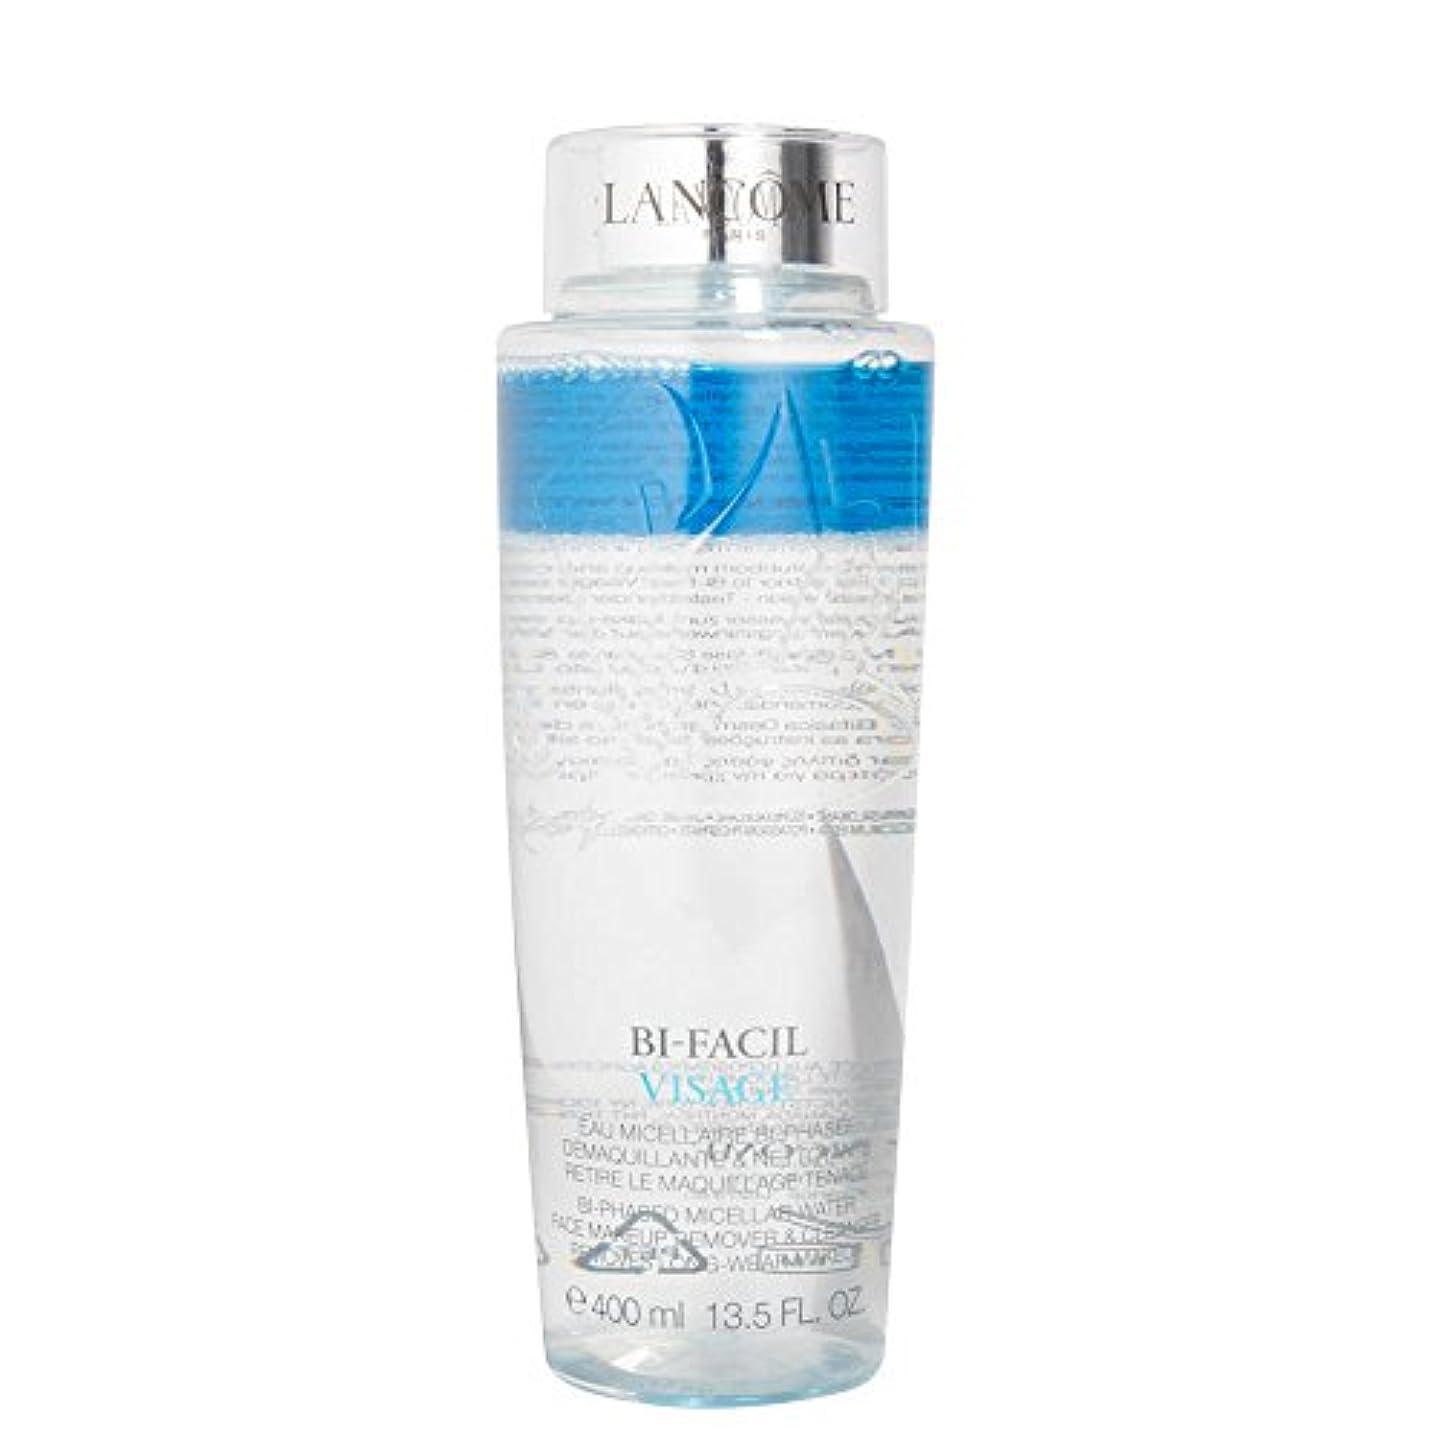 ホームレス電池ジェムランコム Bi Facil Visage Bi-Phased Micellar Water Face Makeup Remover & Cleanser 400ml/13.5oz並行輸入品